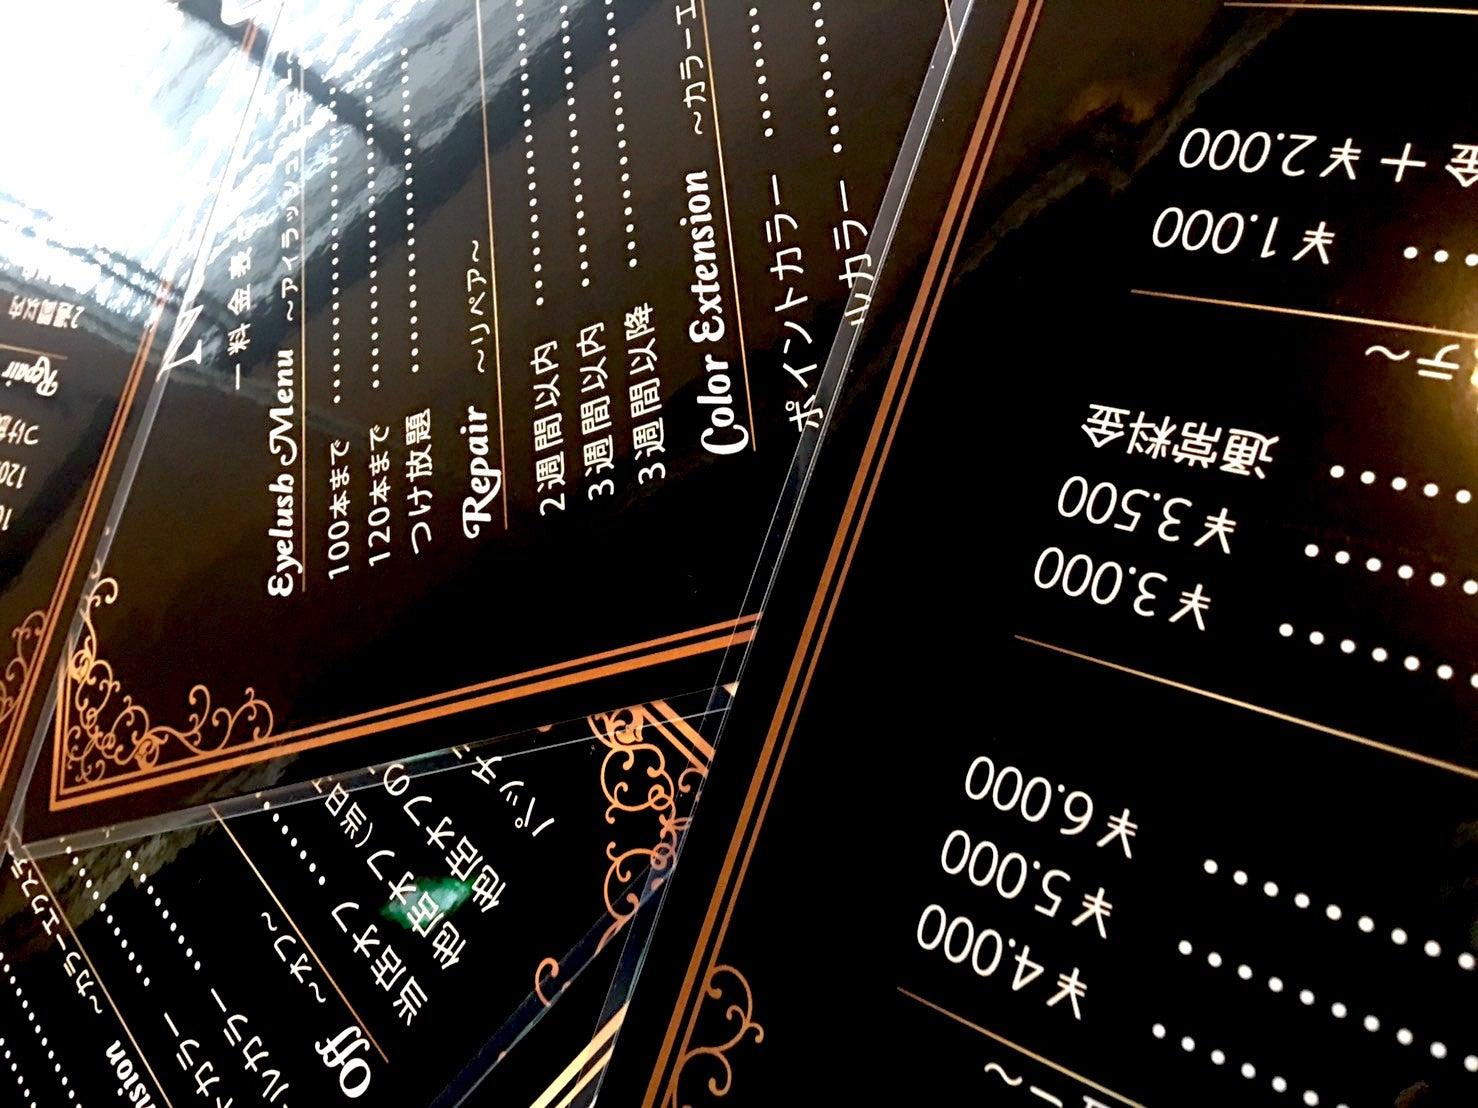 美容料金表作成,メニュー表印刷,高級感印刷,可愛い印刷,女性デザイン